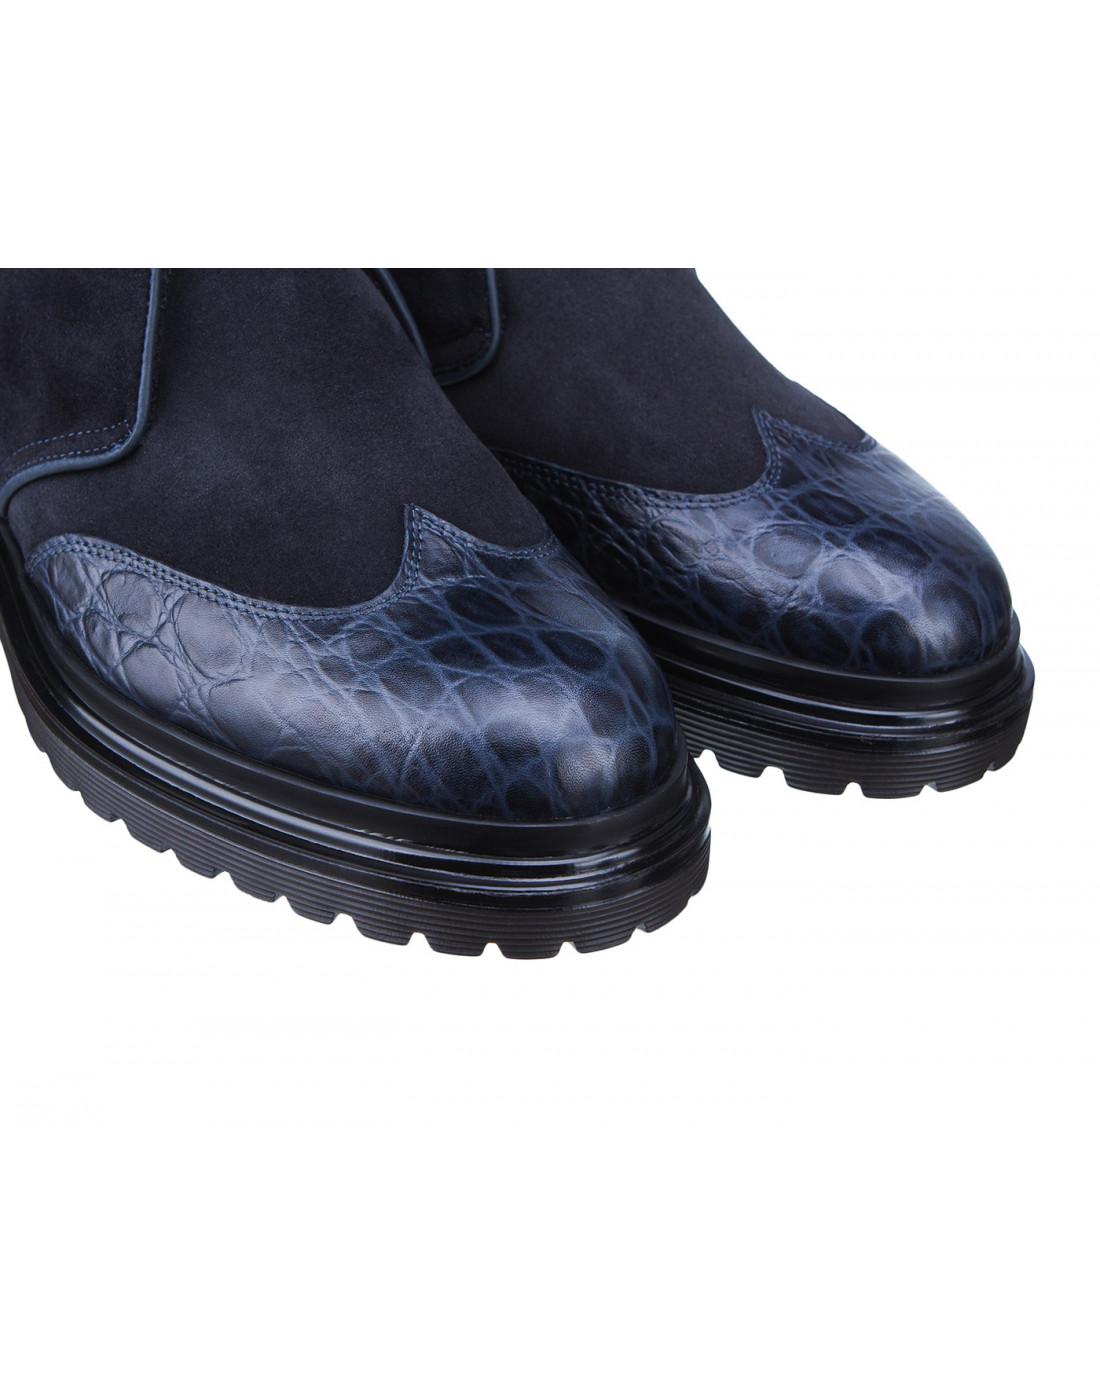 Ботинки синие мужские A.Guardiani S77519-4